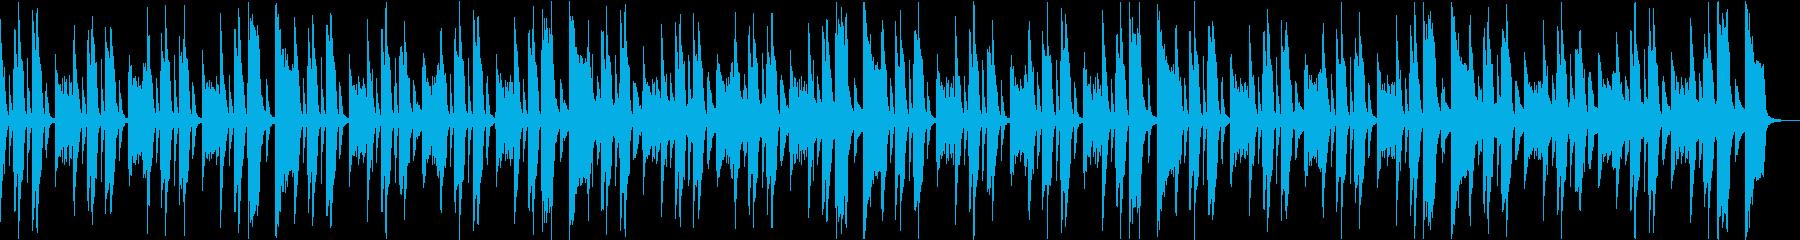 コミカルいたずらかわいい楽しいCM bの再生済みの波形